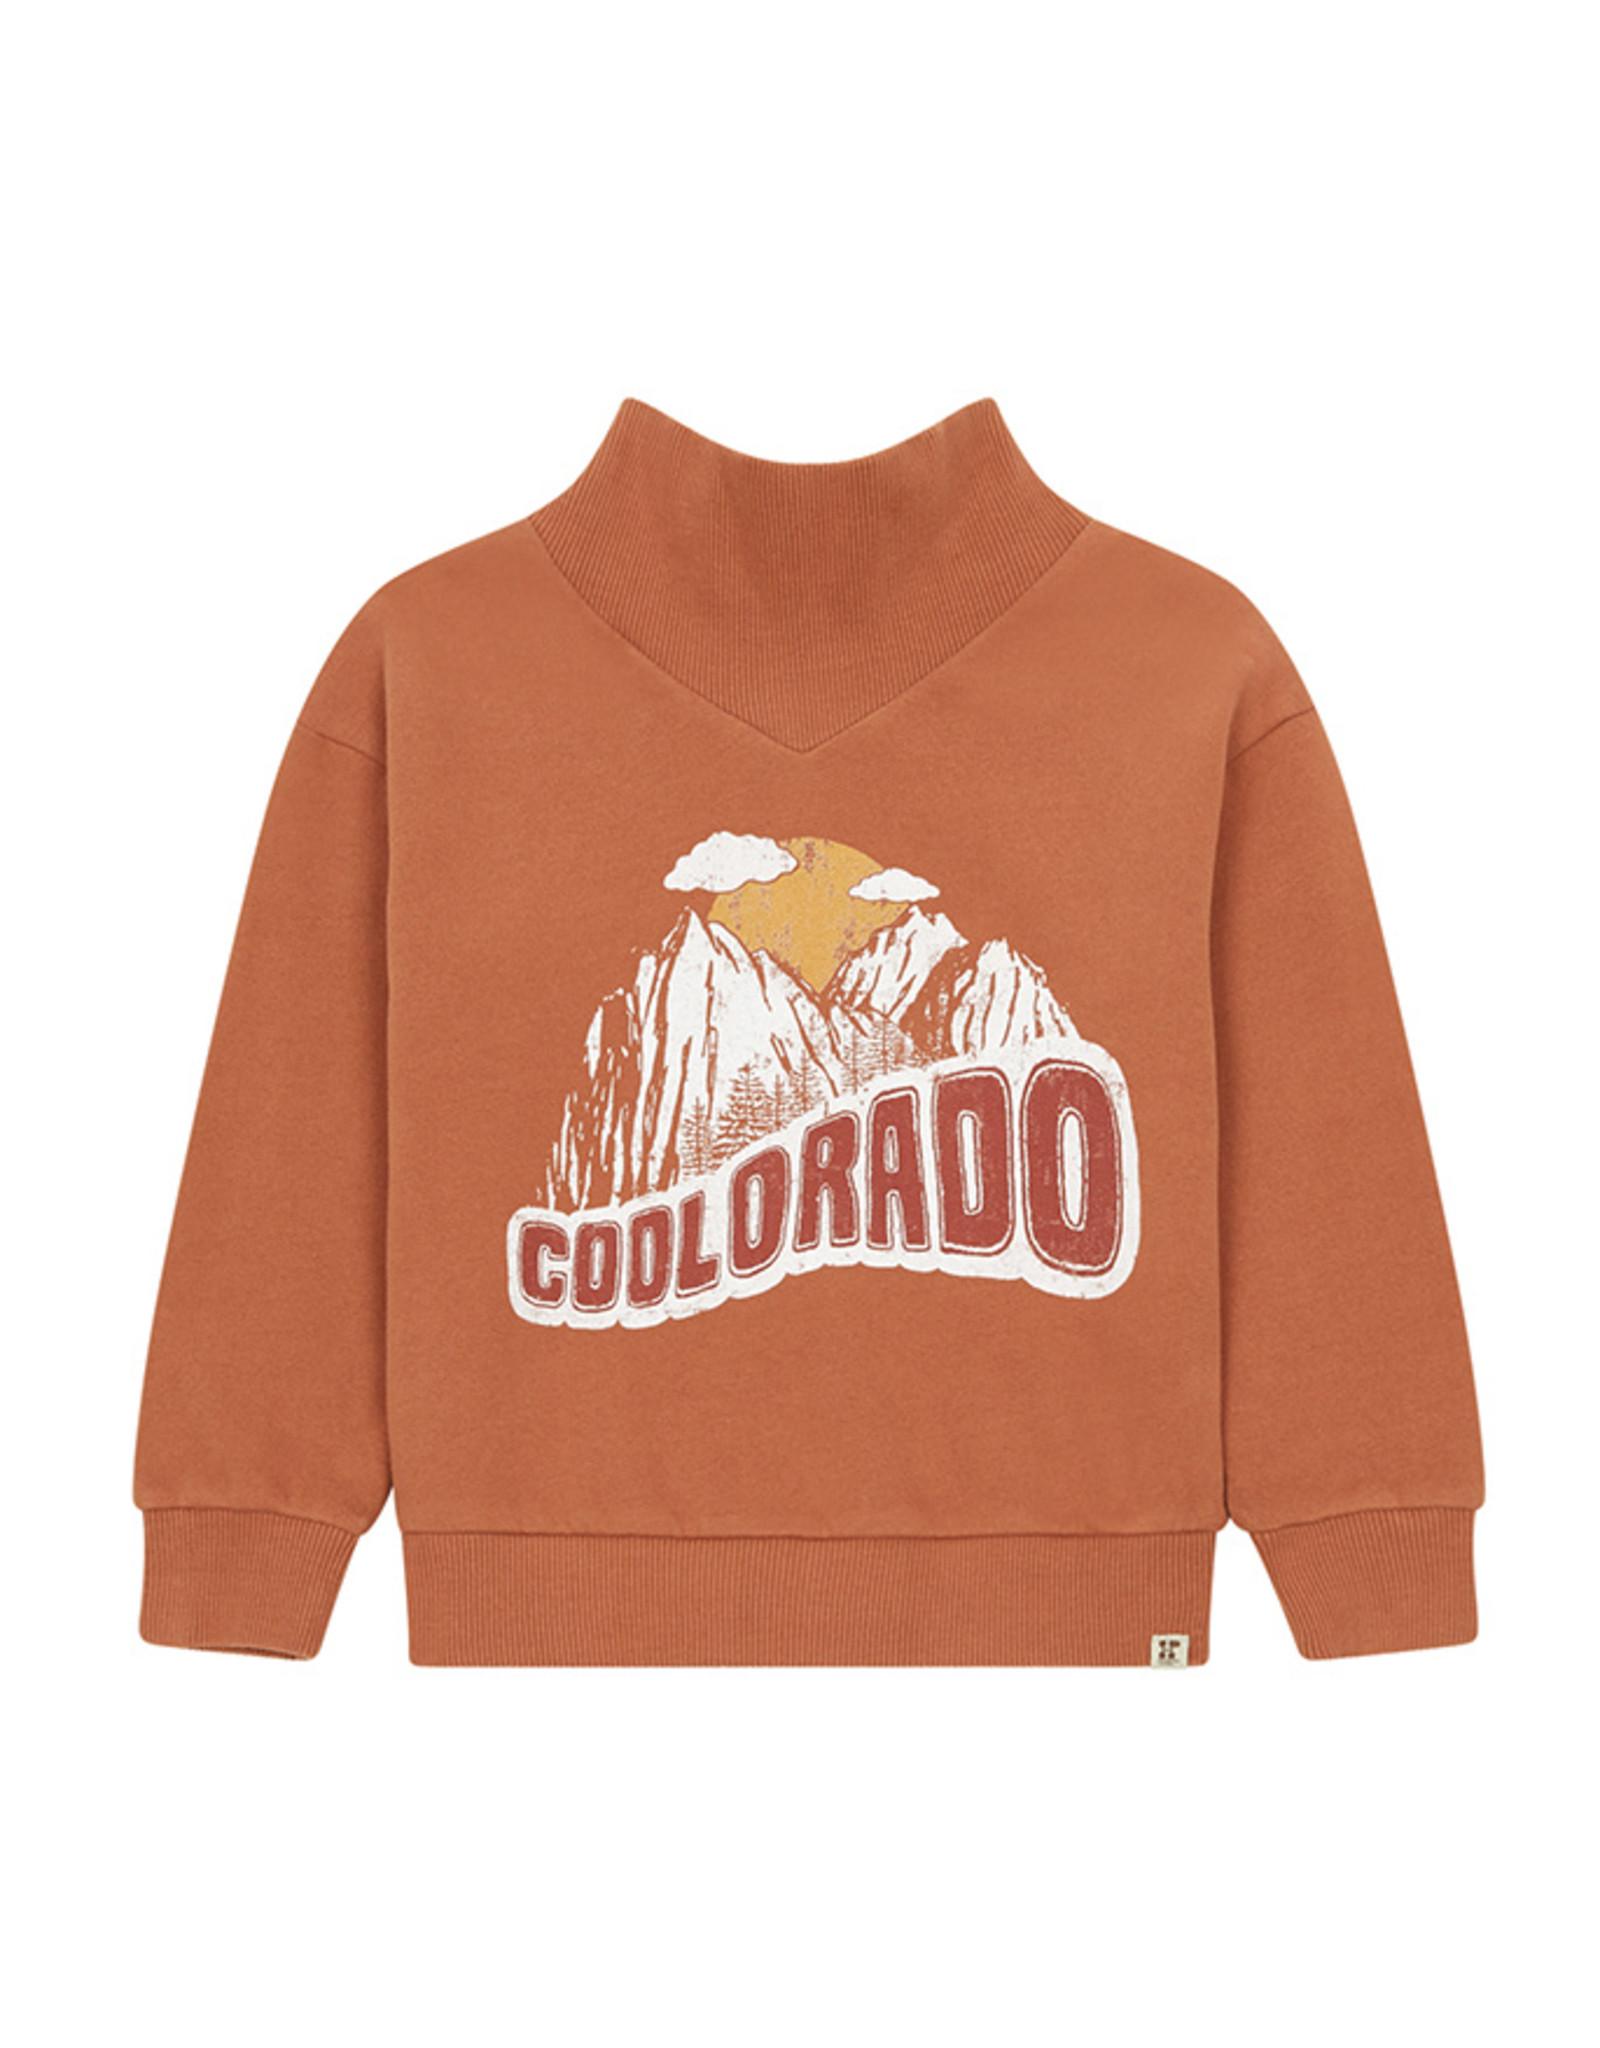 Coolorado Sweatshirt